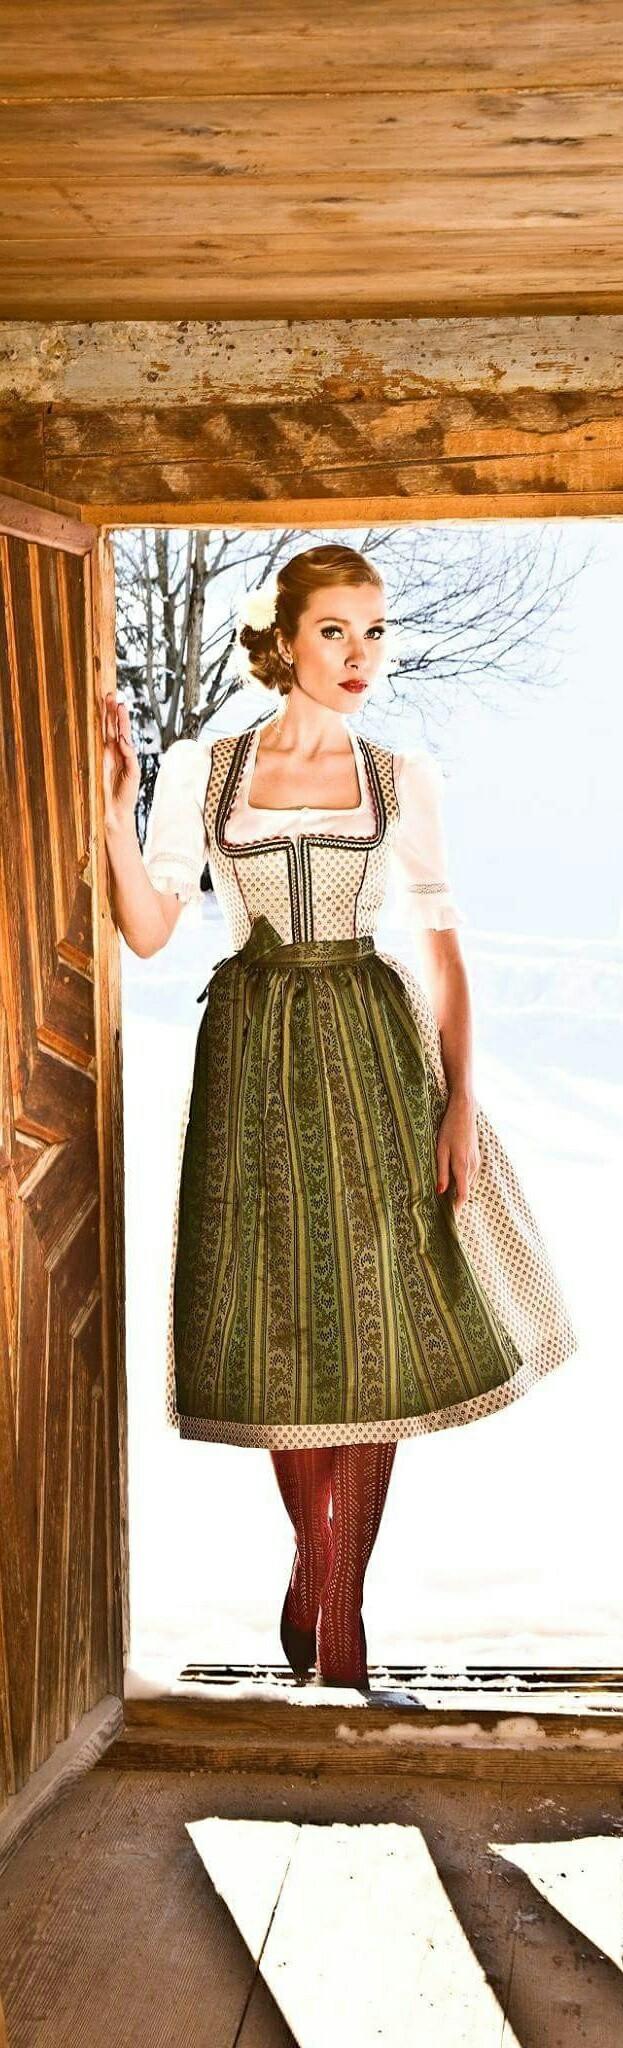 outlet store 39cd9 4a1af Landhausmode - Modern Dresses based on Dirndl (Traditional ...